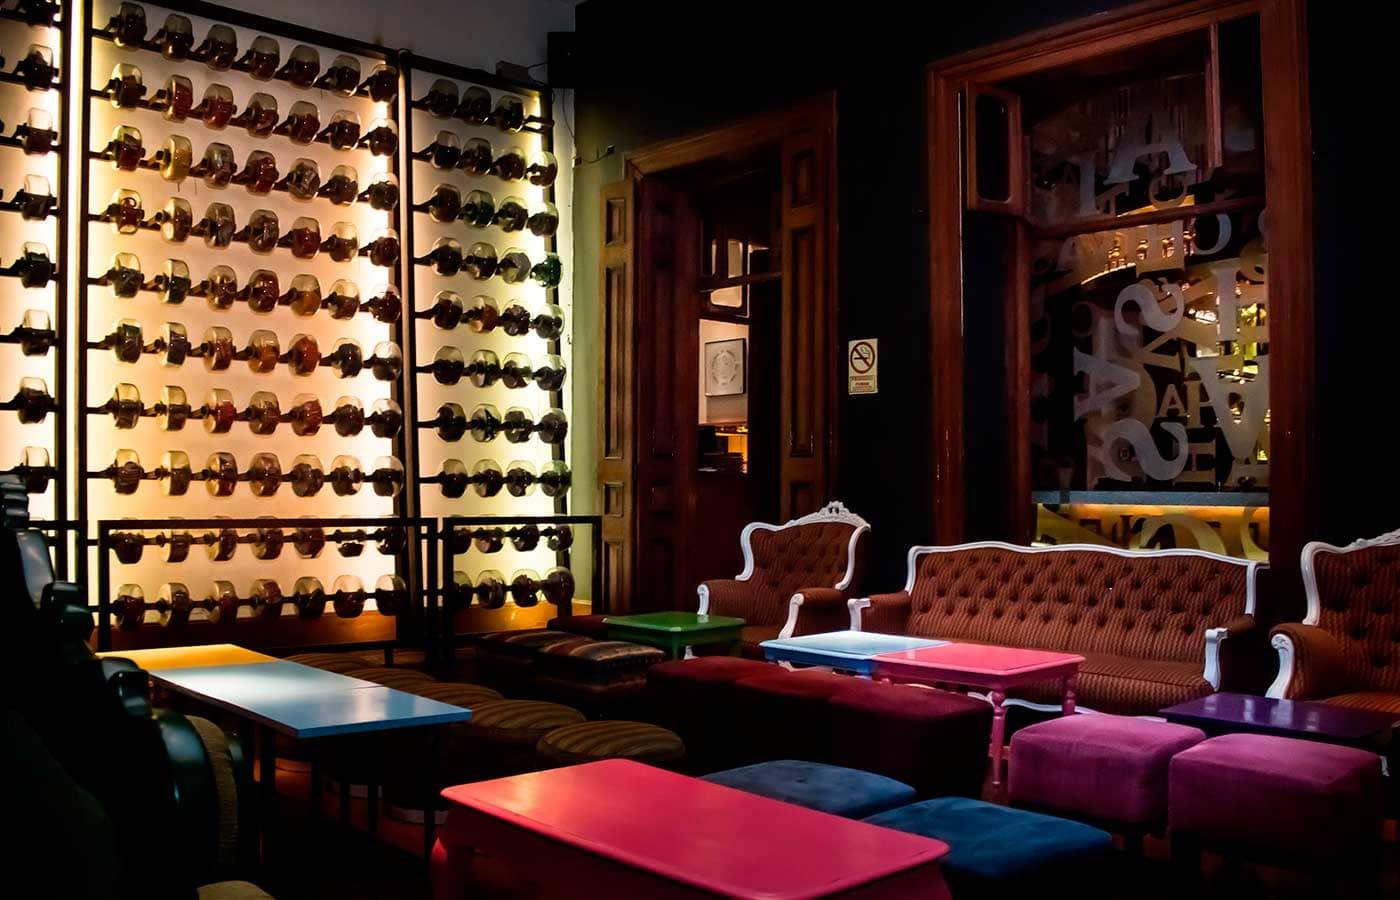 Park Hotel Escorts Bangalore